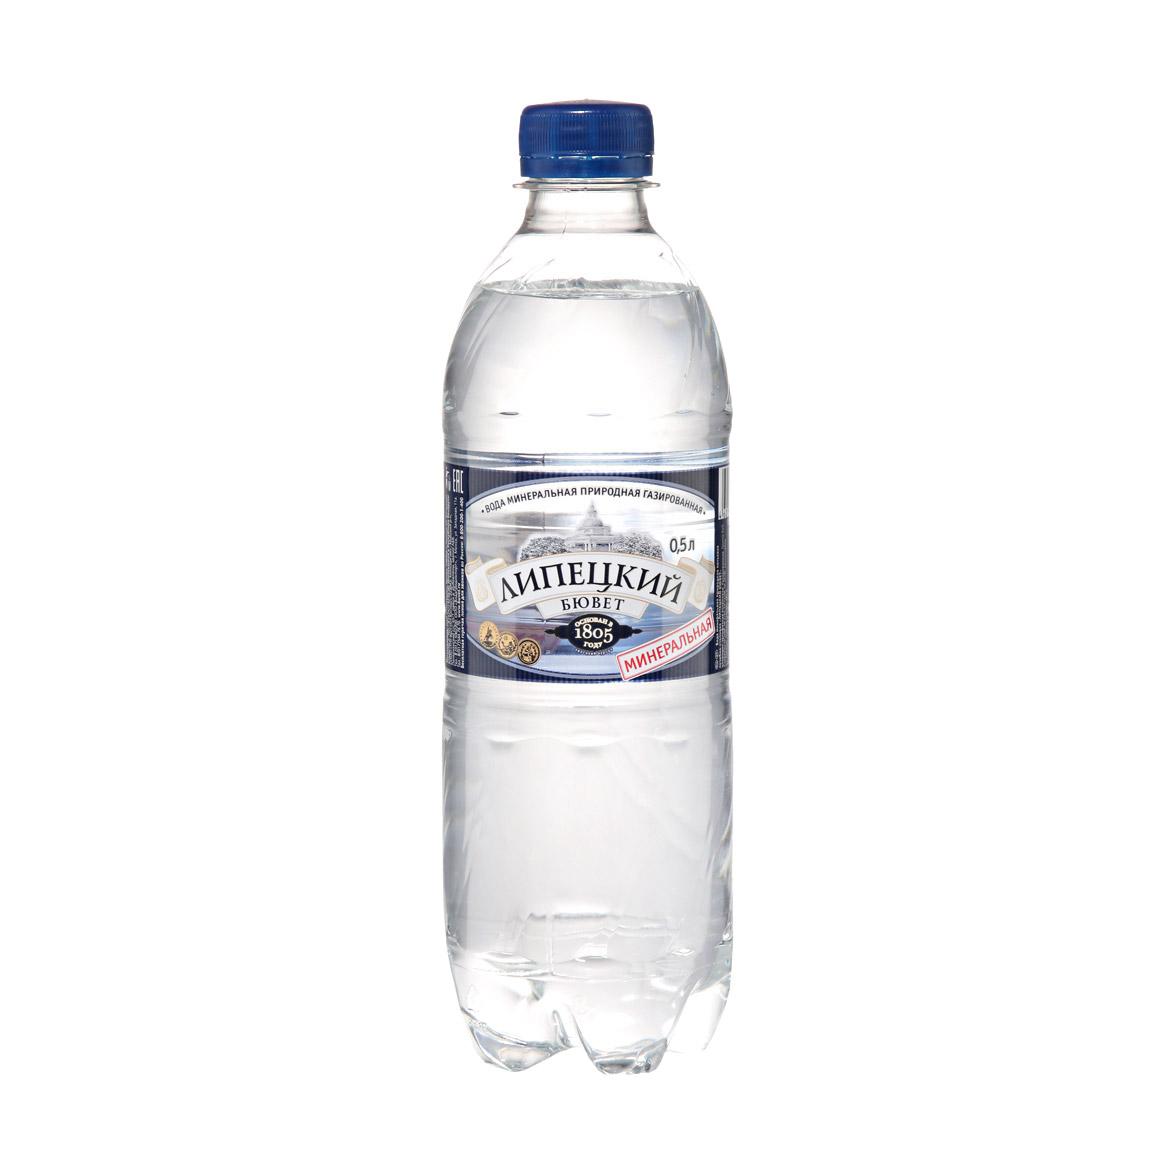 Вода минеральная Липецкий Бювет газированная 0,5 л